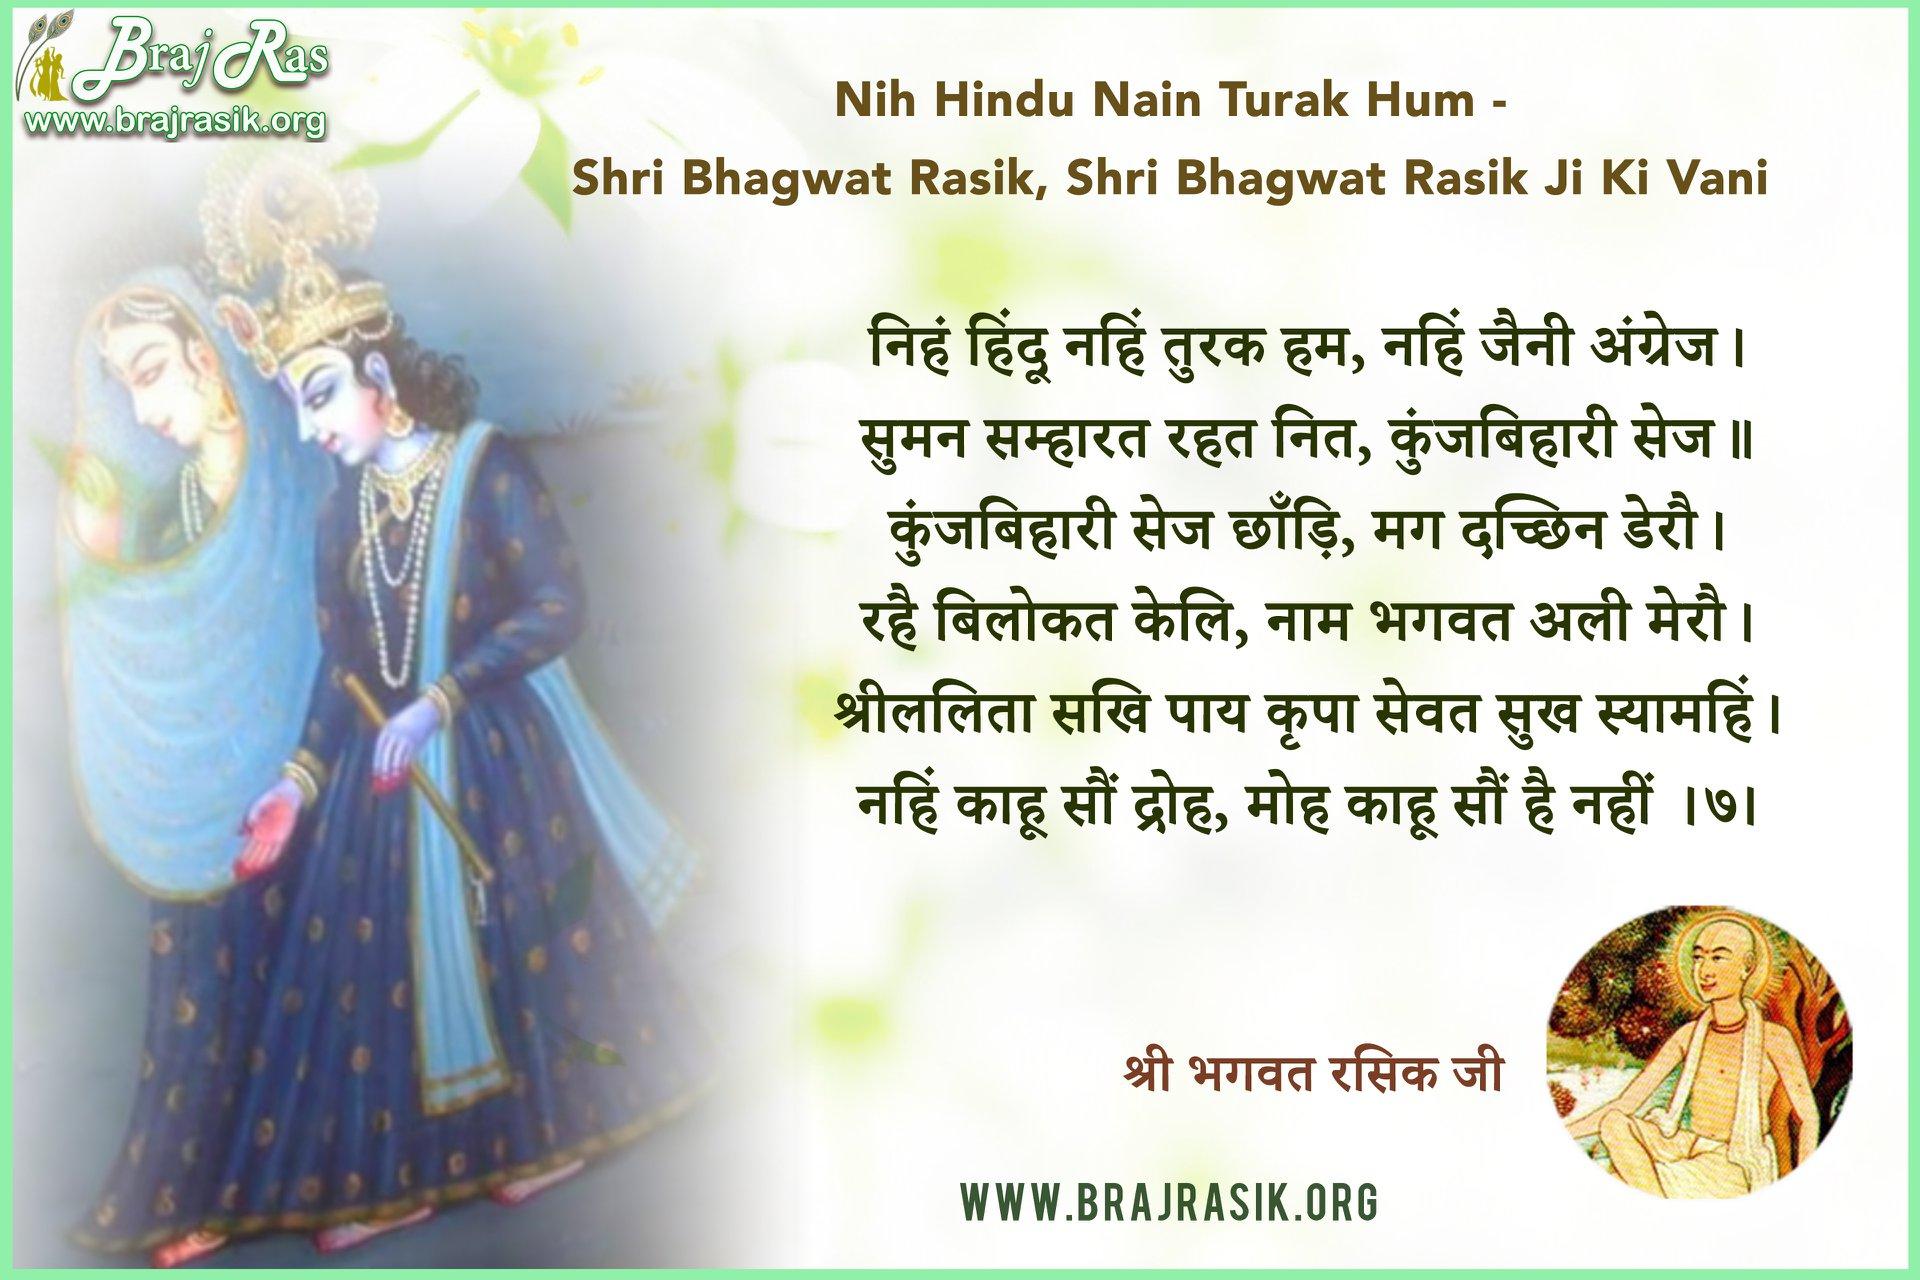 Nihn Hindu, Nahin Turak Hum - Shri Bhagwat Rasik, Bhagwat Rasik Ki Vani